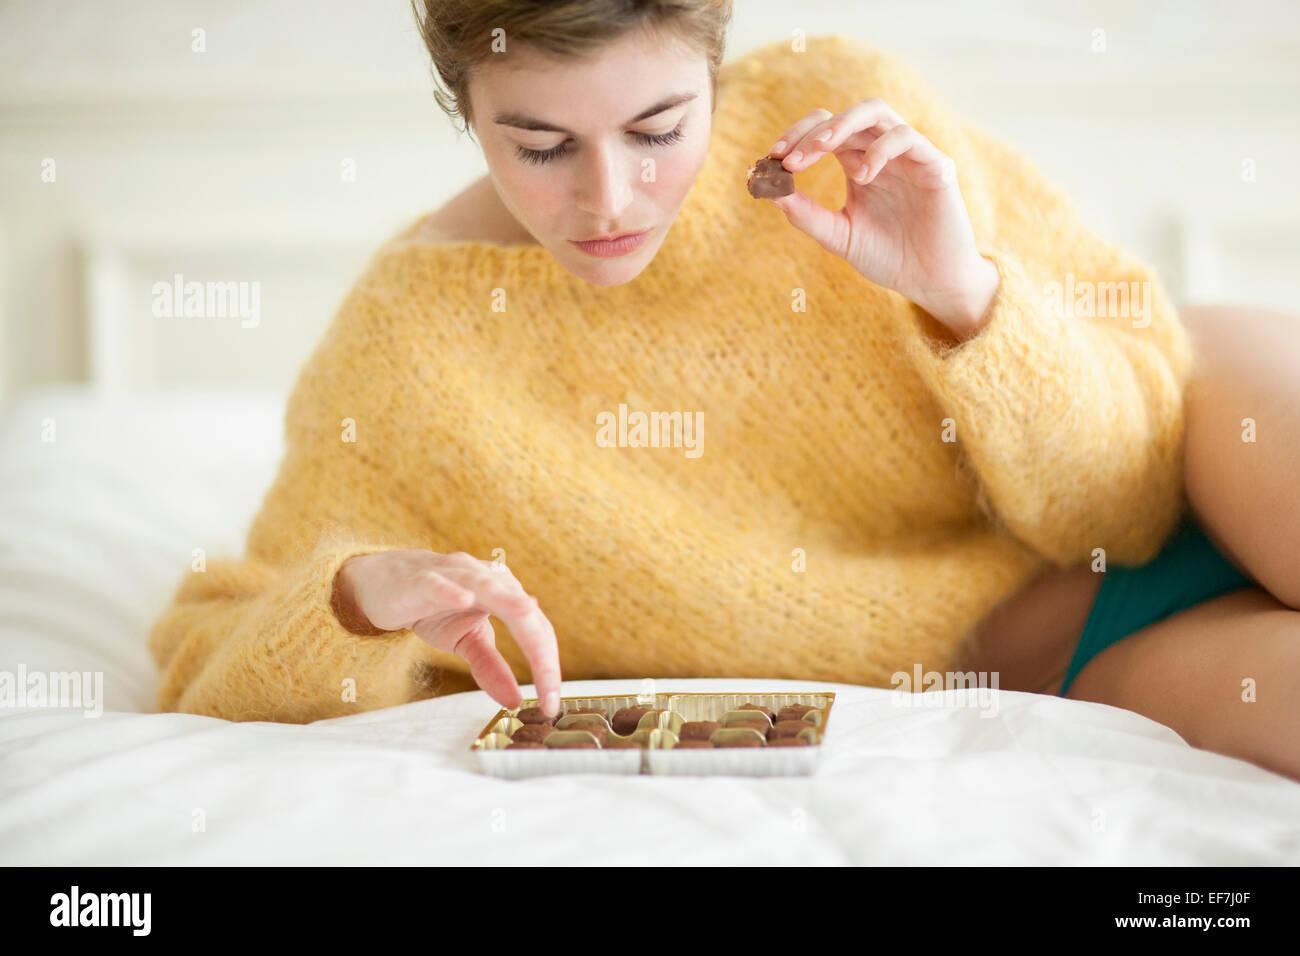 Mujer de comer chocolate en la cama Imagen De Stock